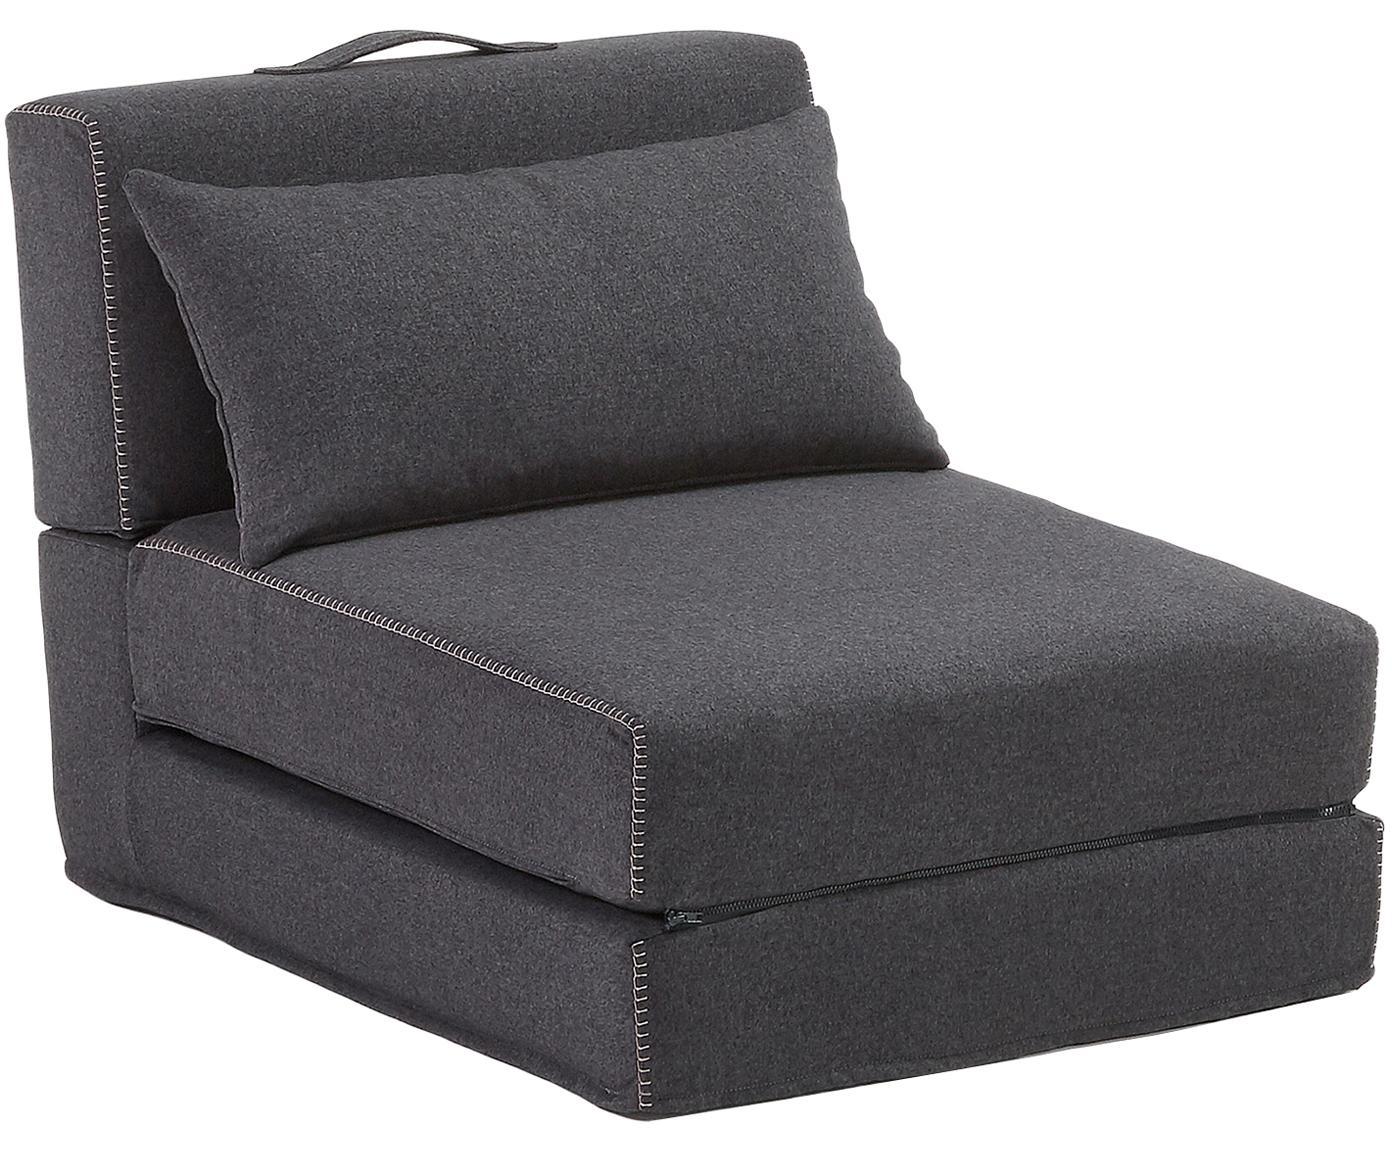 Fotel rozkładany Arty, Pianka, tkanina, Grafitowoszary, S 70 x D 67 cm